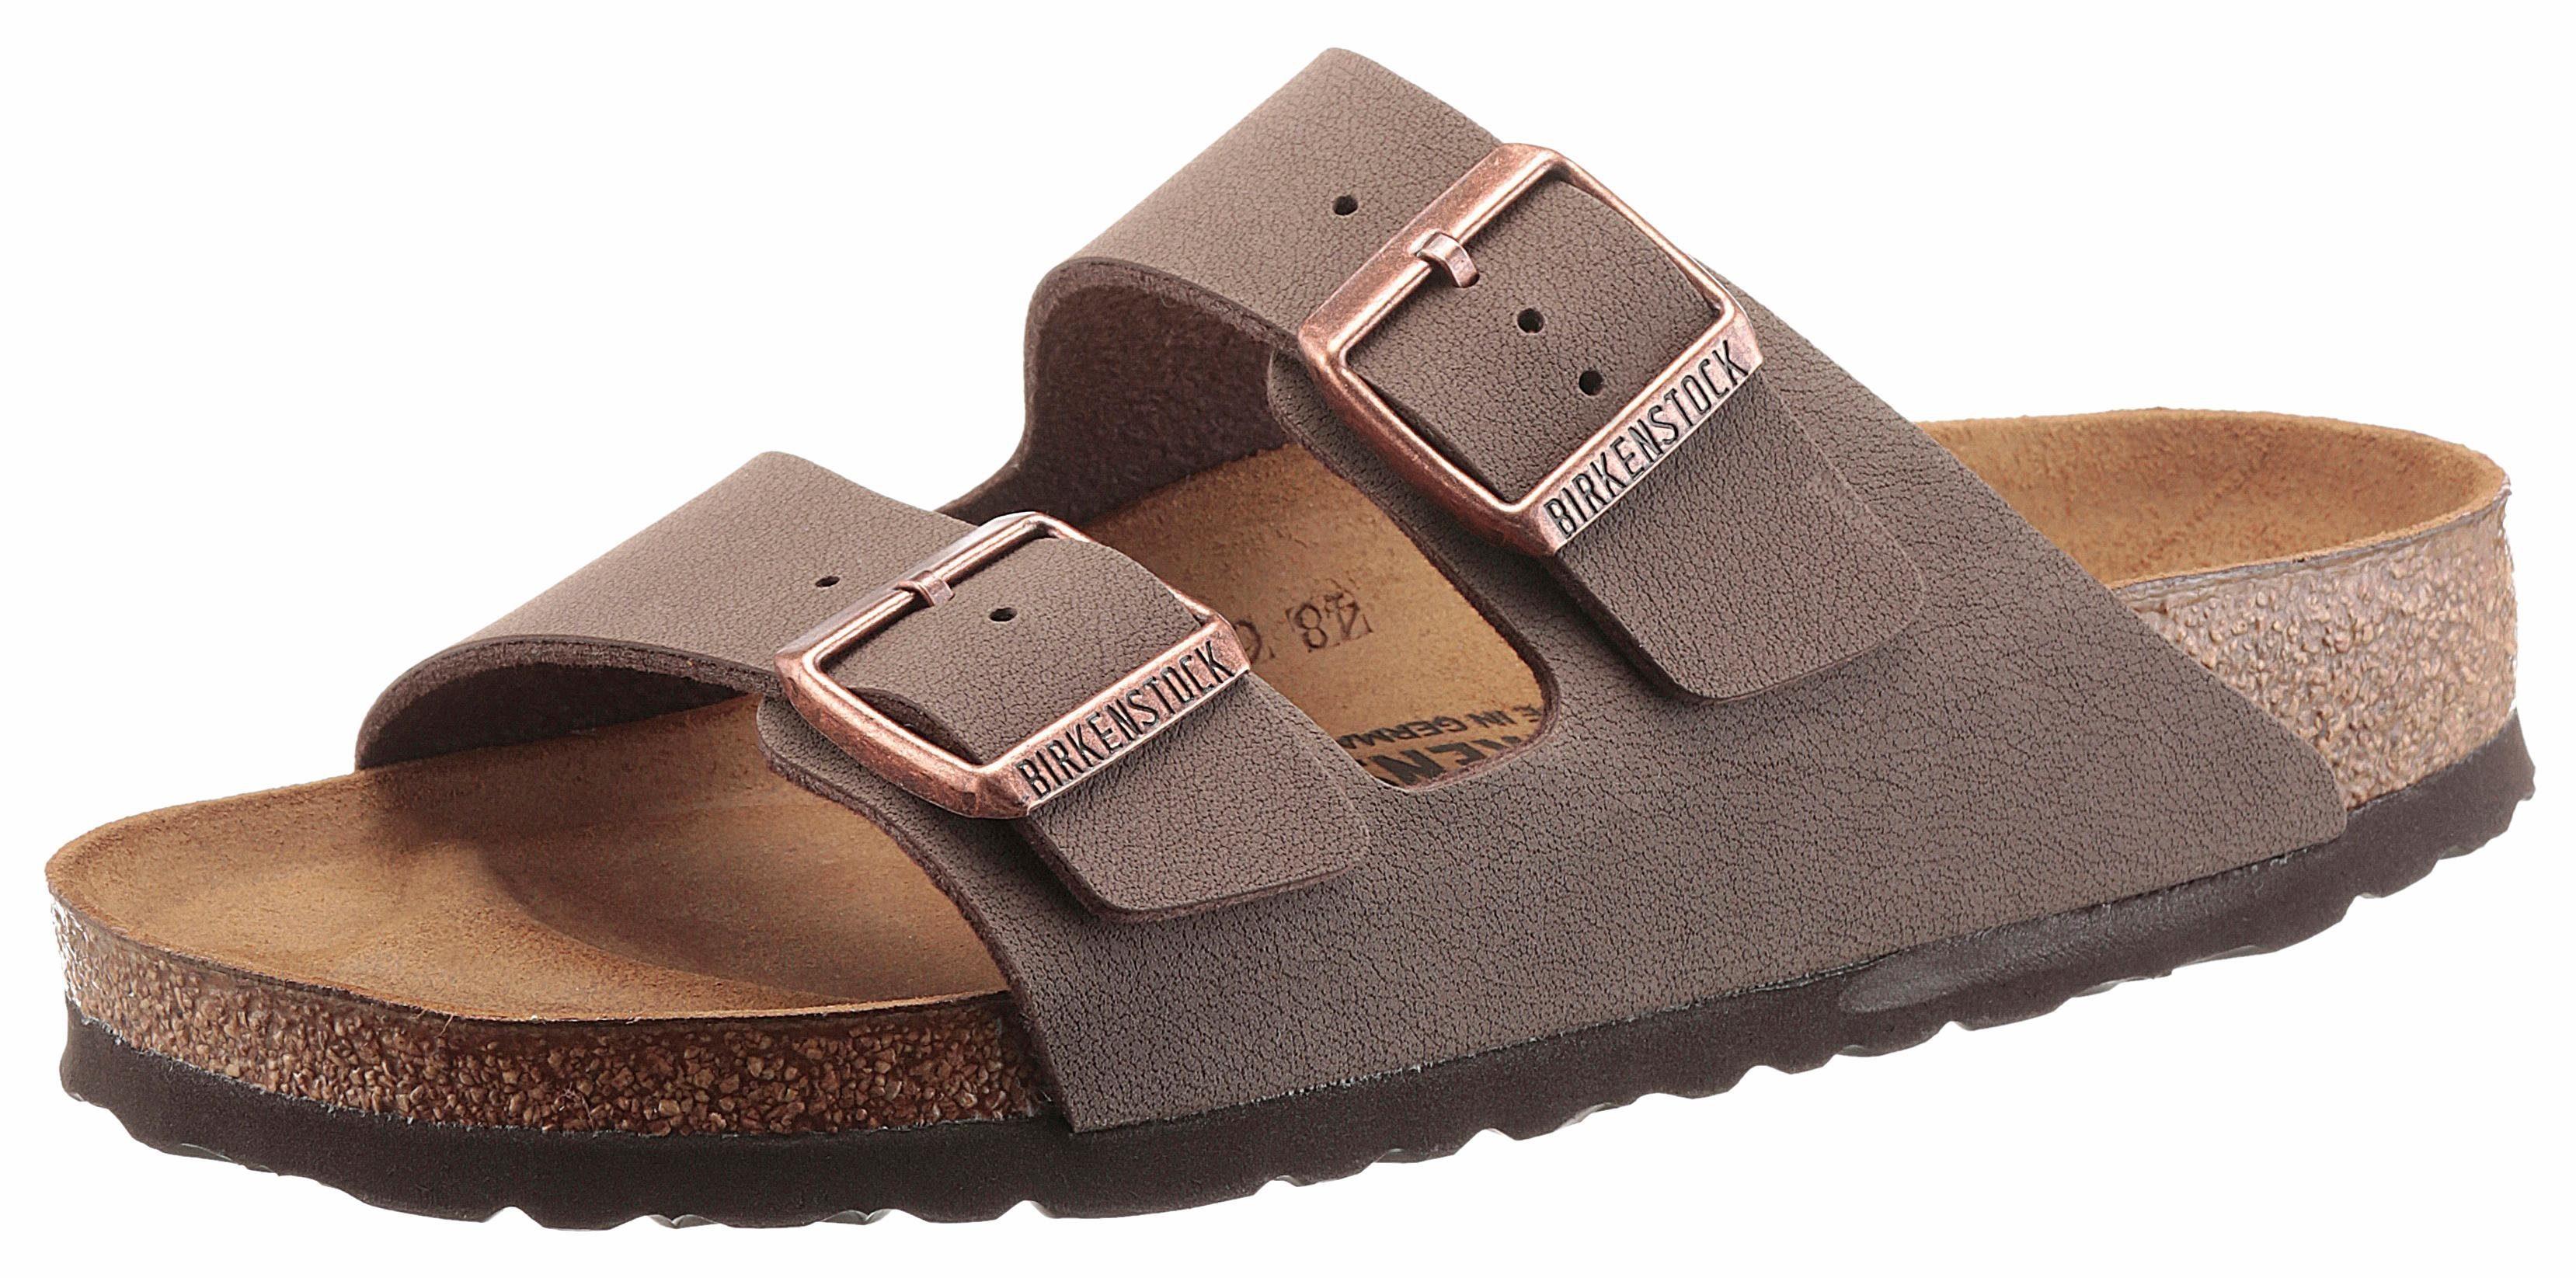 Birkenstock ARIZONA BF Pantolette, in Schuhweite schmal, mit ergonomisch geformten Fußbett online kaufen  mokka